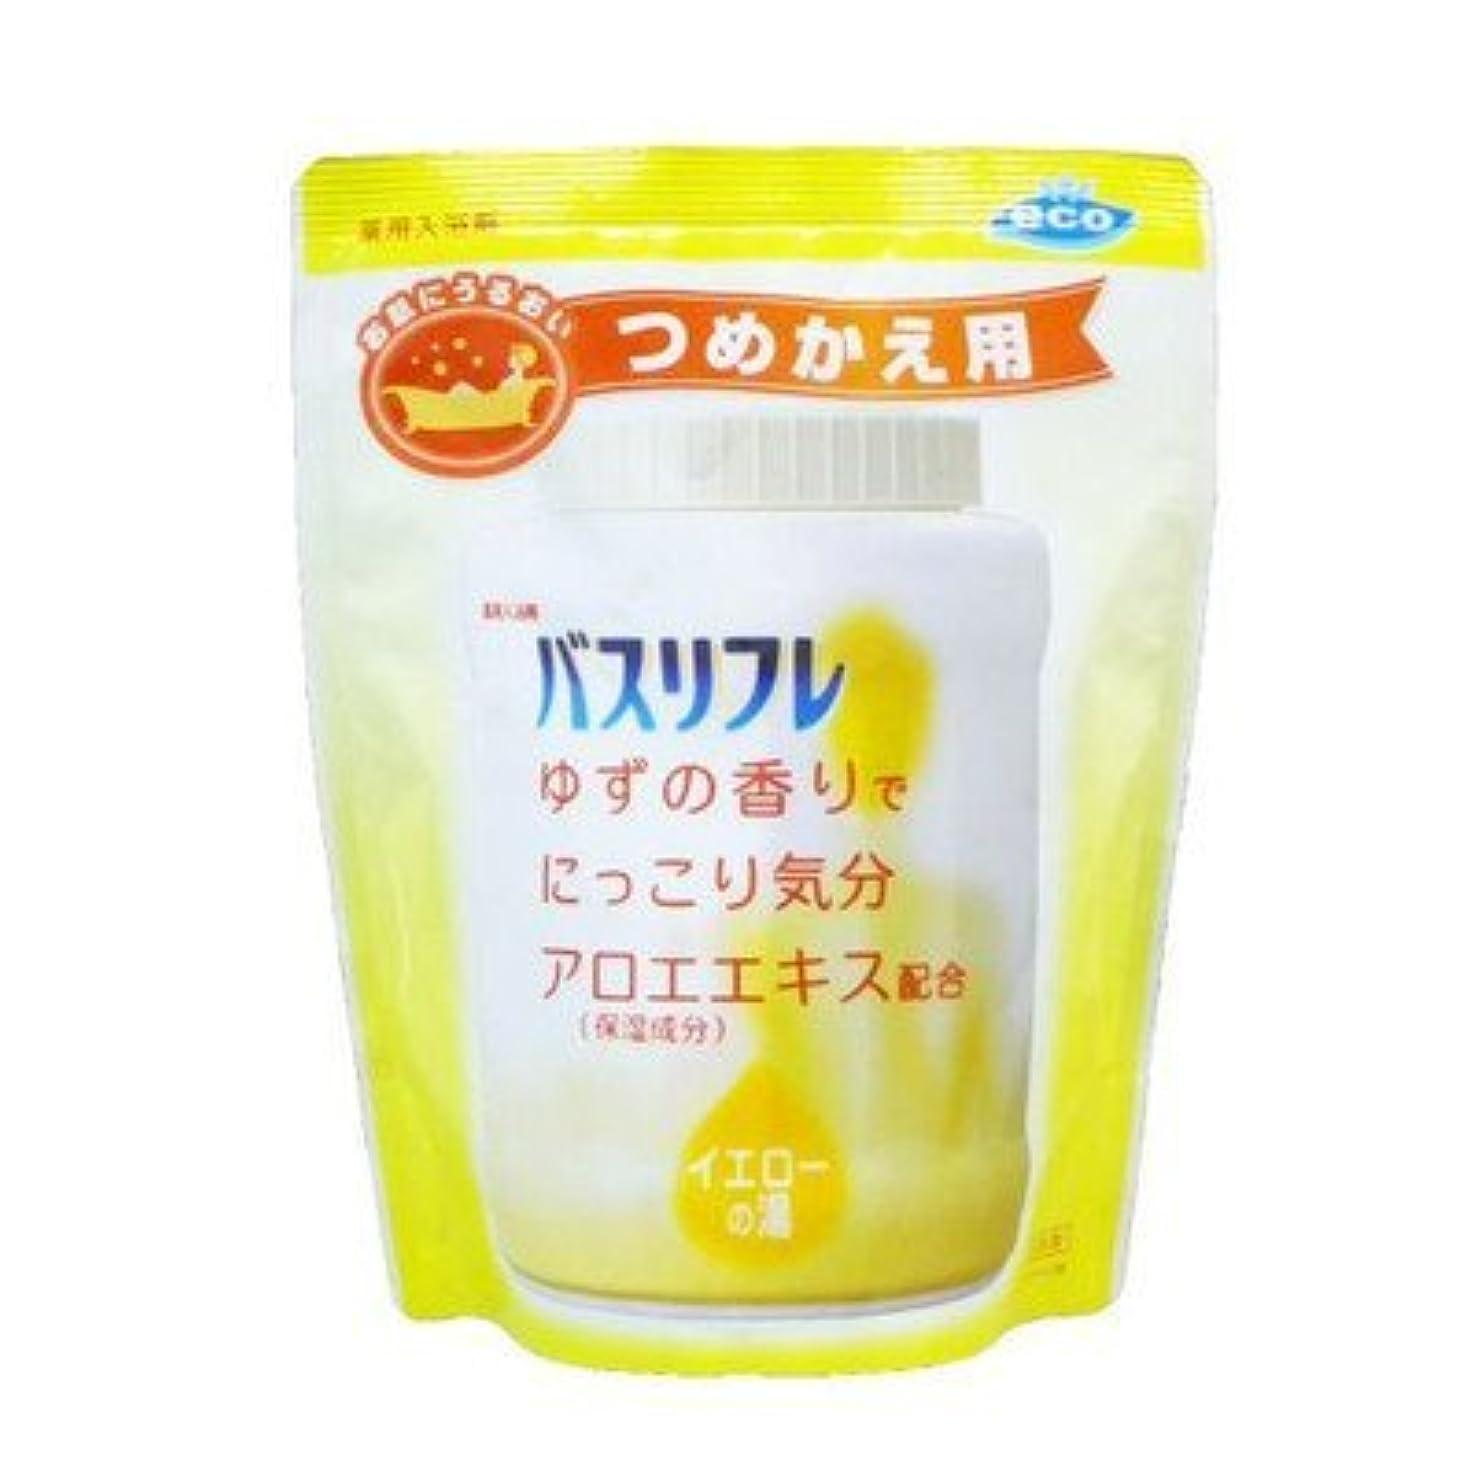 進む前進寄生虫薬用入浴剤 バスリフレ イエローの湯 つめかえ用 540g ゆずの香り (ライオンケミカル) Japan